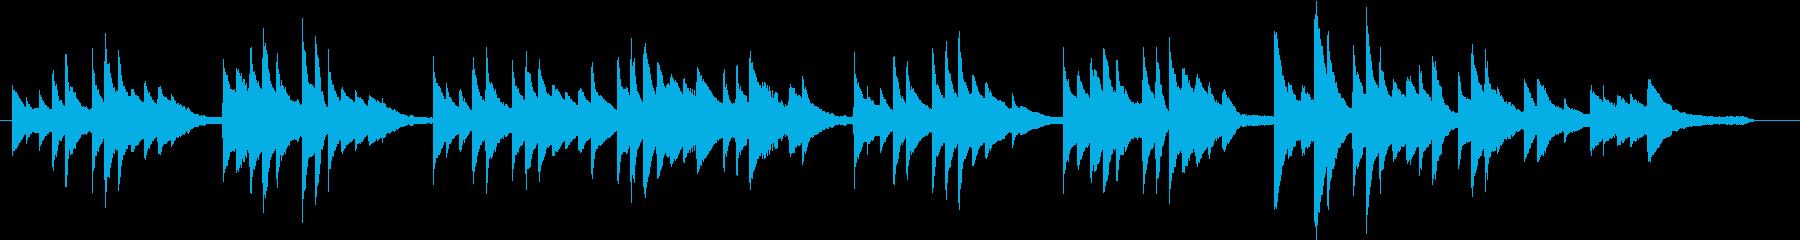 結婚式BGM_式の前日01の再生済みの波形